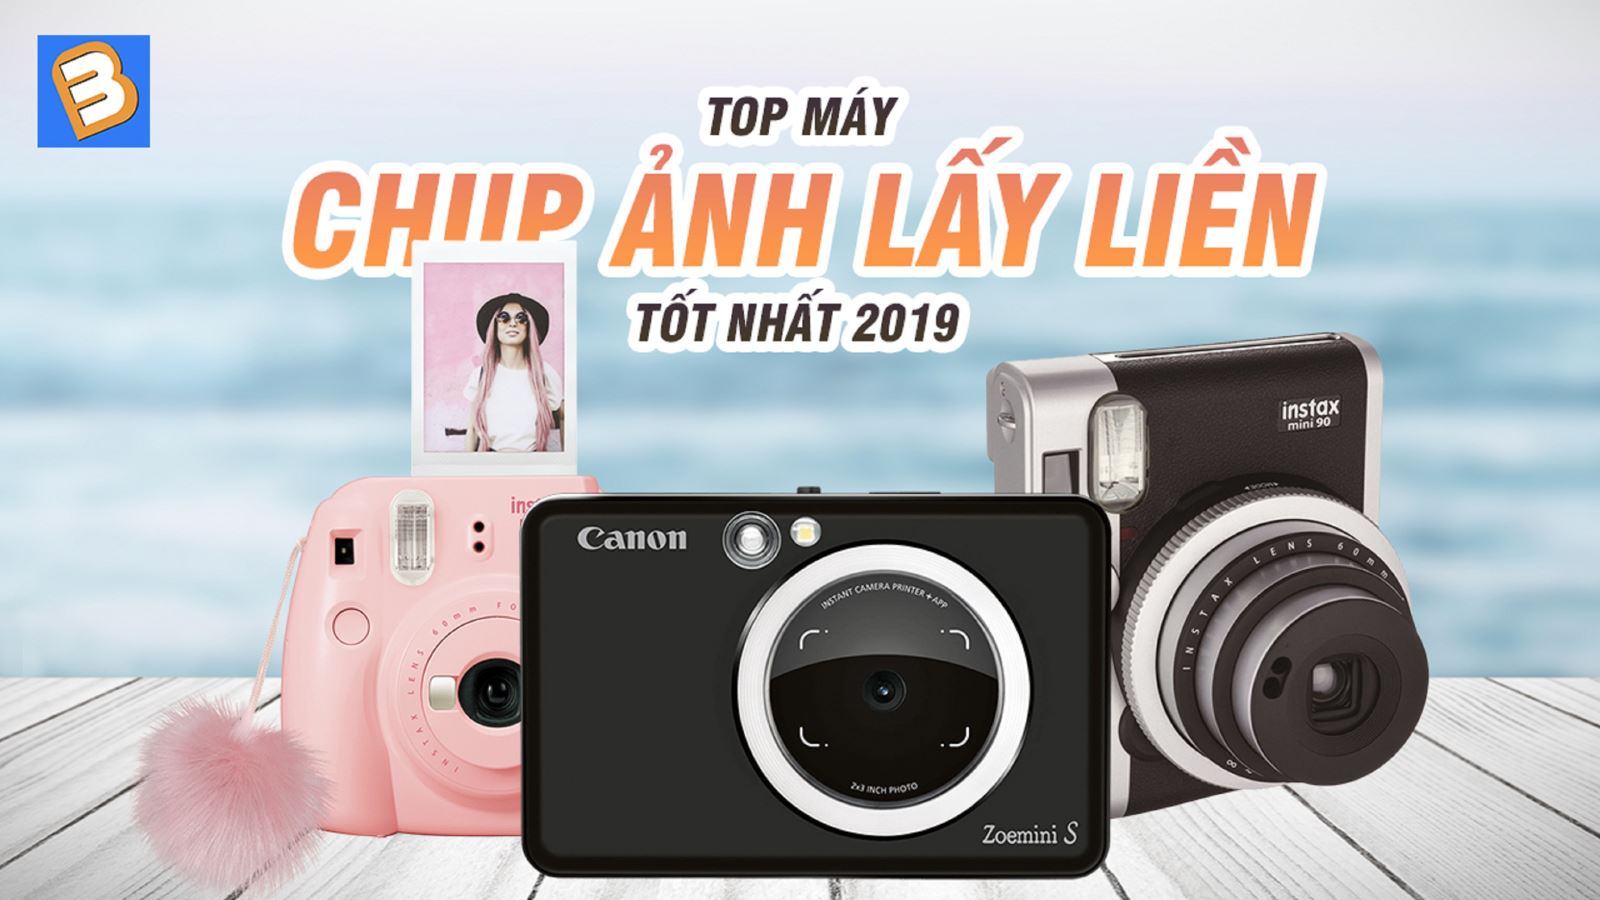 TOP máy chụp ảnh lấy liền tốt nhất 2019